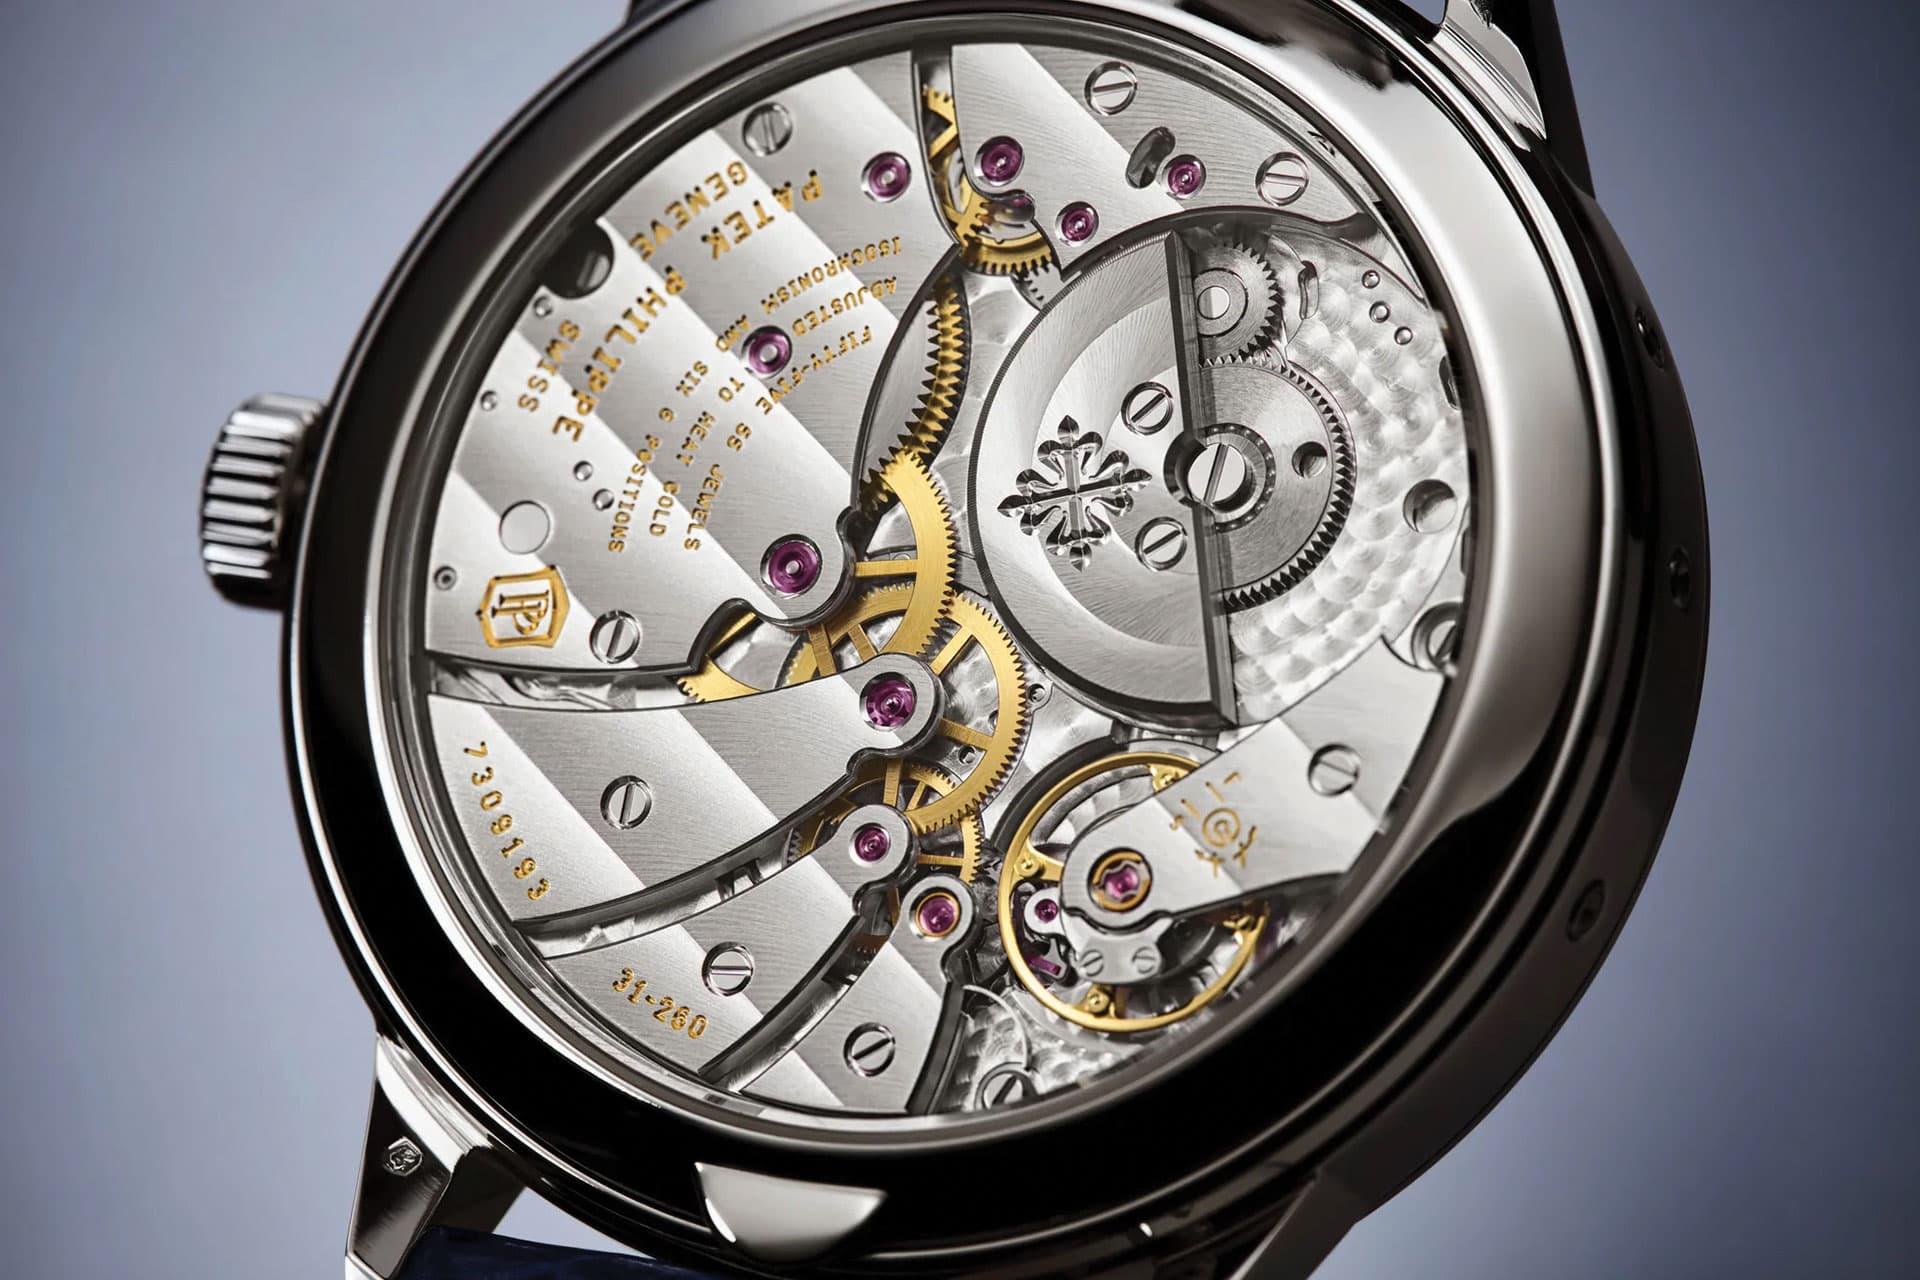 Orologio Patek Philippe Ref. 5236P-001 La nuova creazione da polso con calendario perpetuo